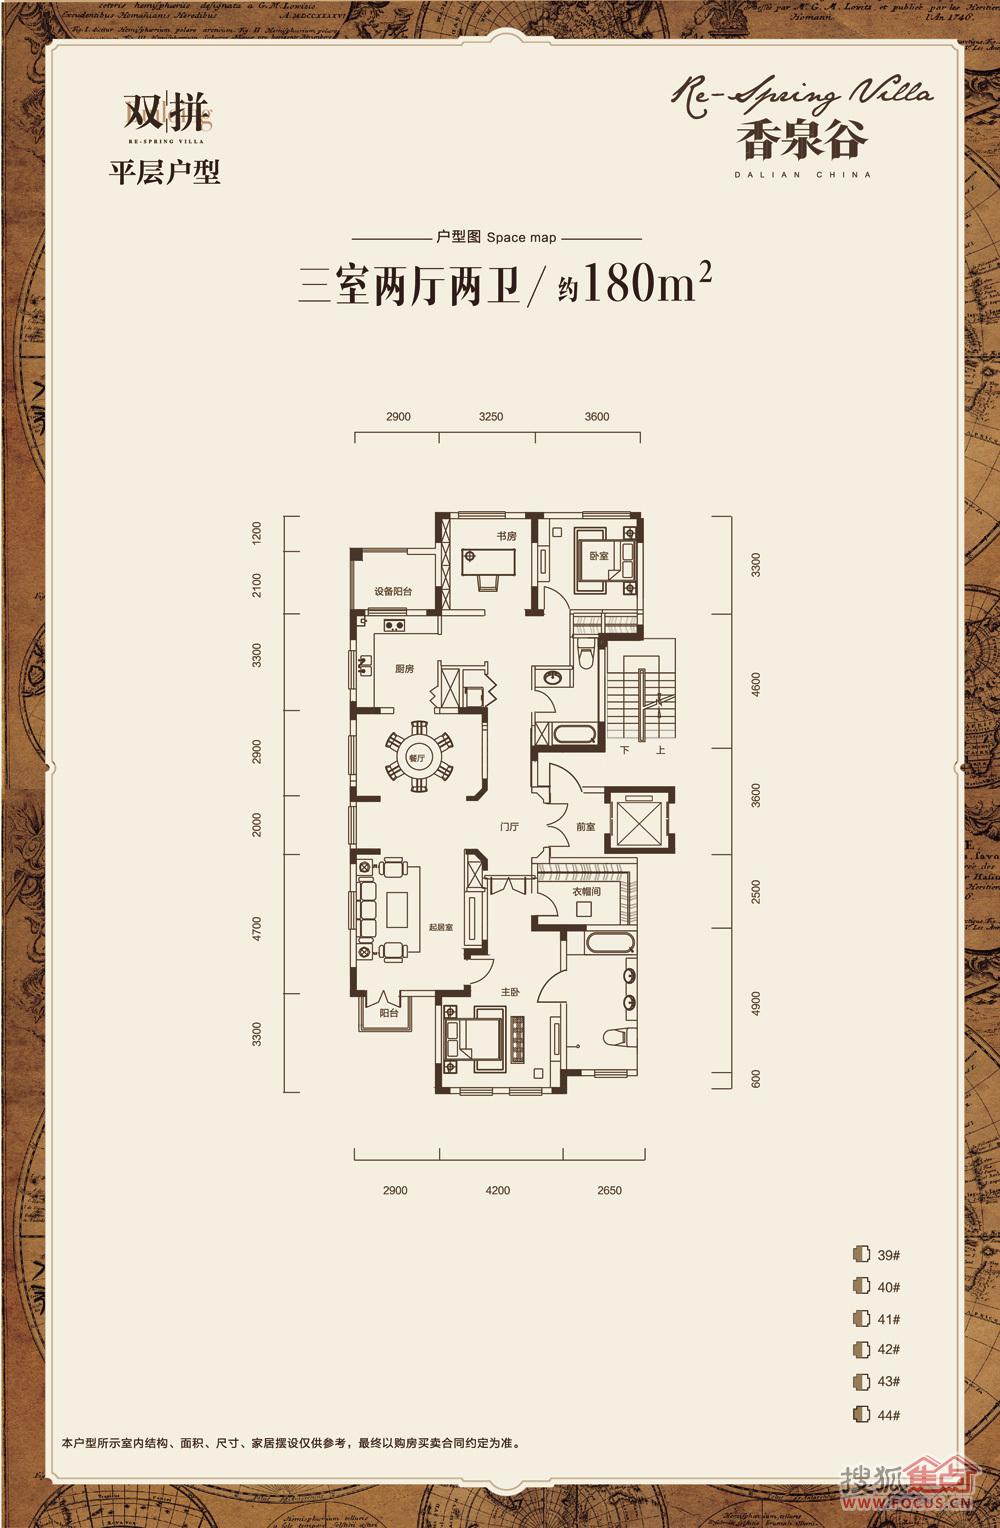 冠信香泉谷双拼平层三室两厅两卫180㎡户型图片